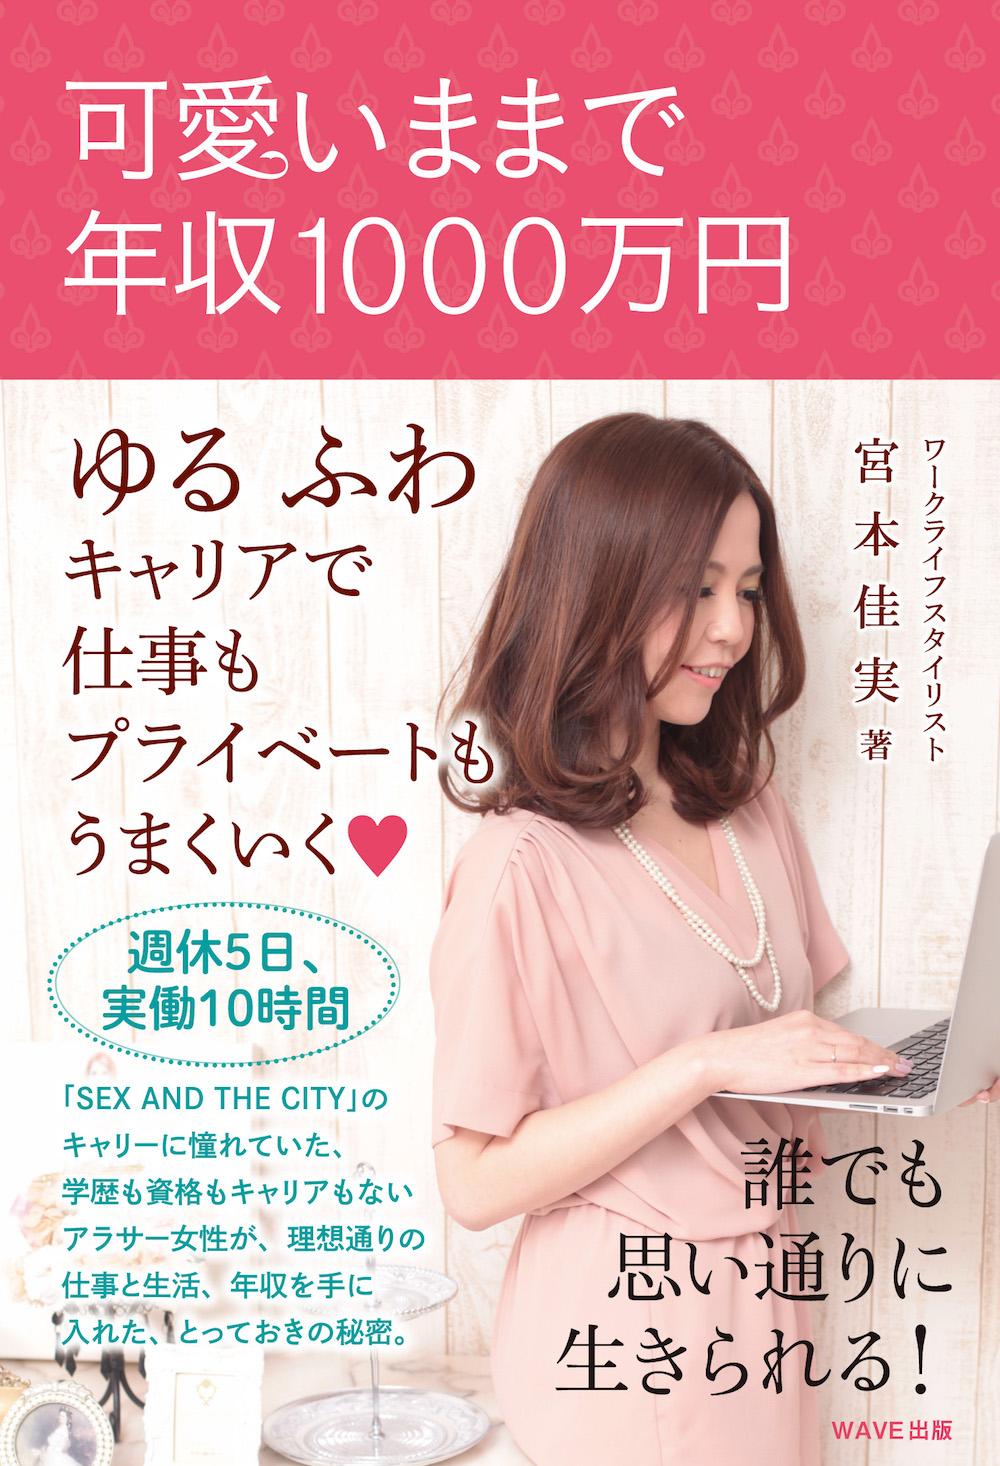 宮本佳実『可愛いままで年収1000万円』